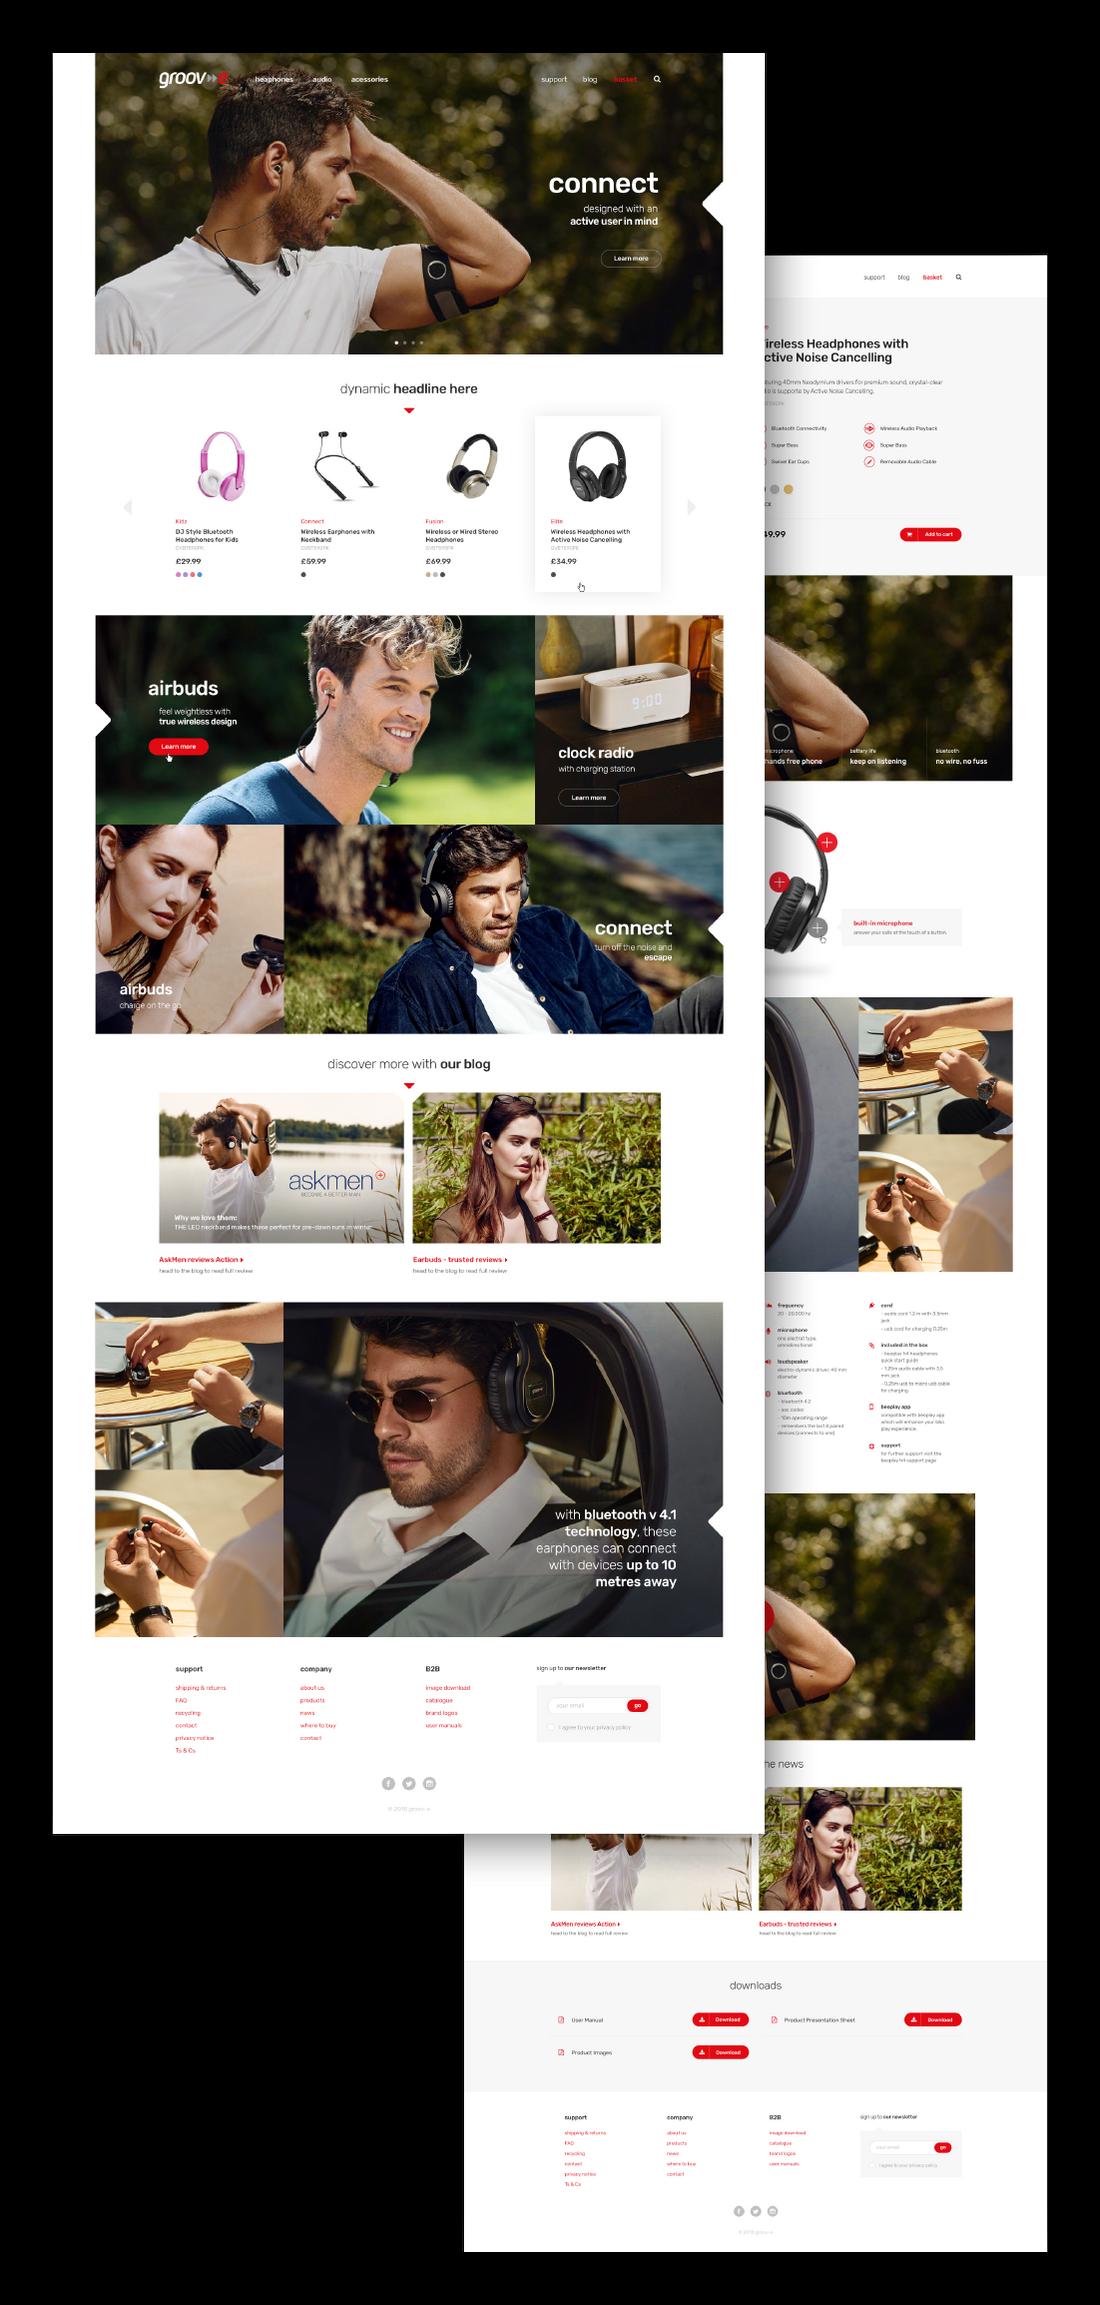 Groov-e Website